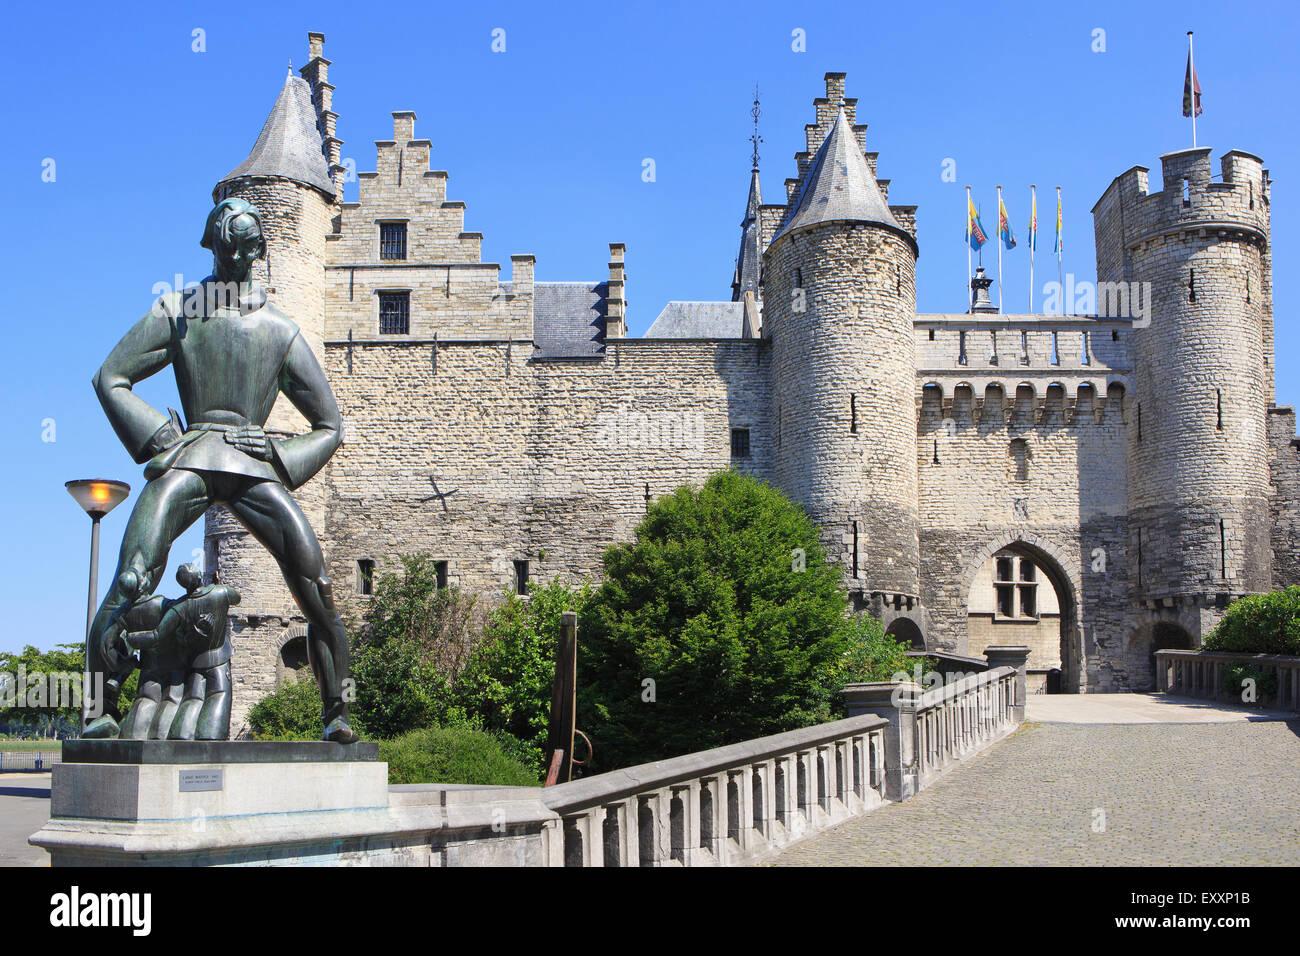 Het Steen (Antwerp Castle) in Antwerp, Belgium - Stock Image